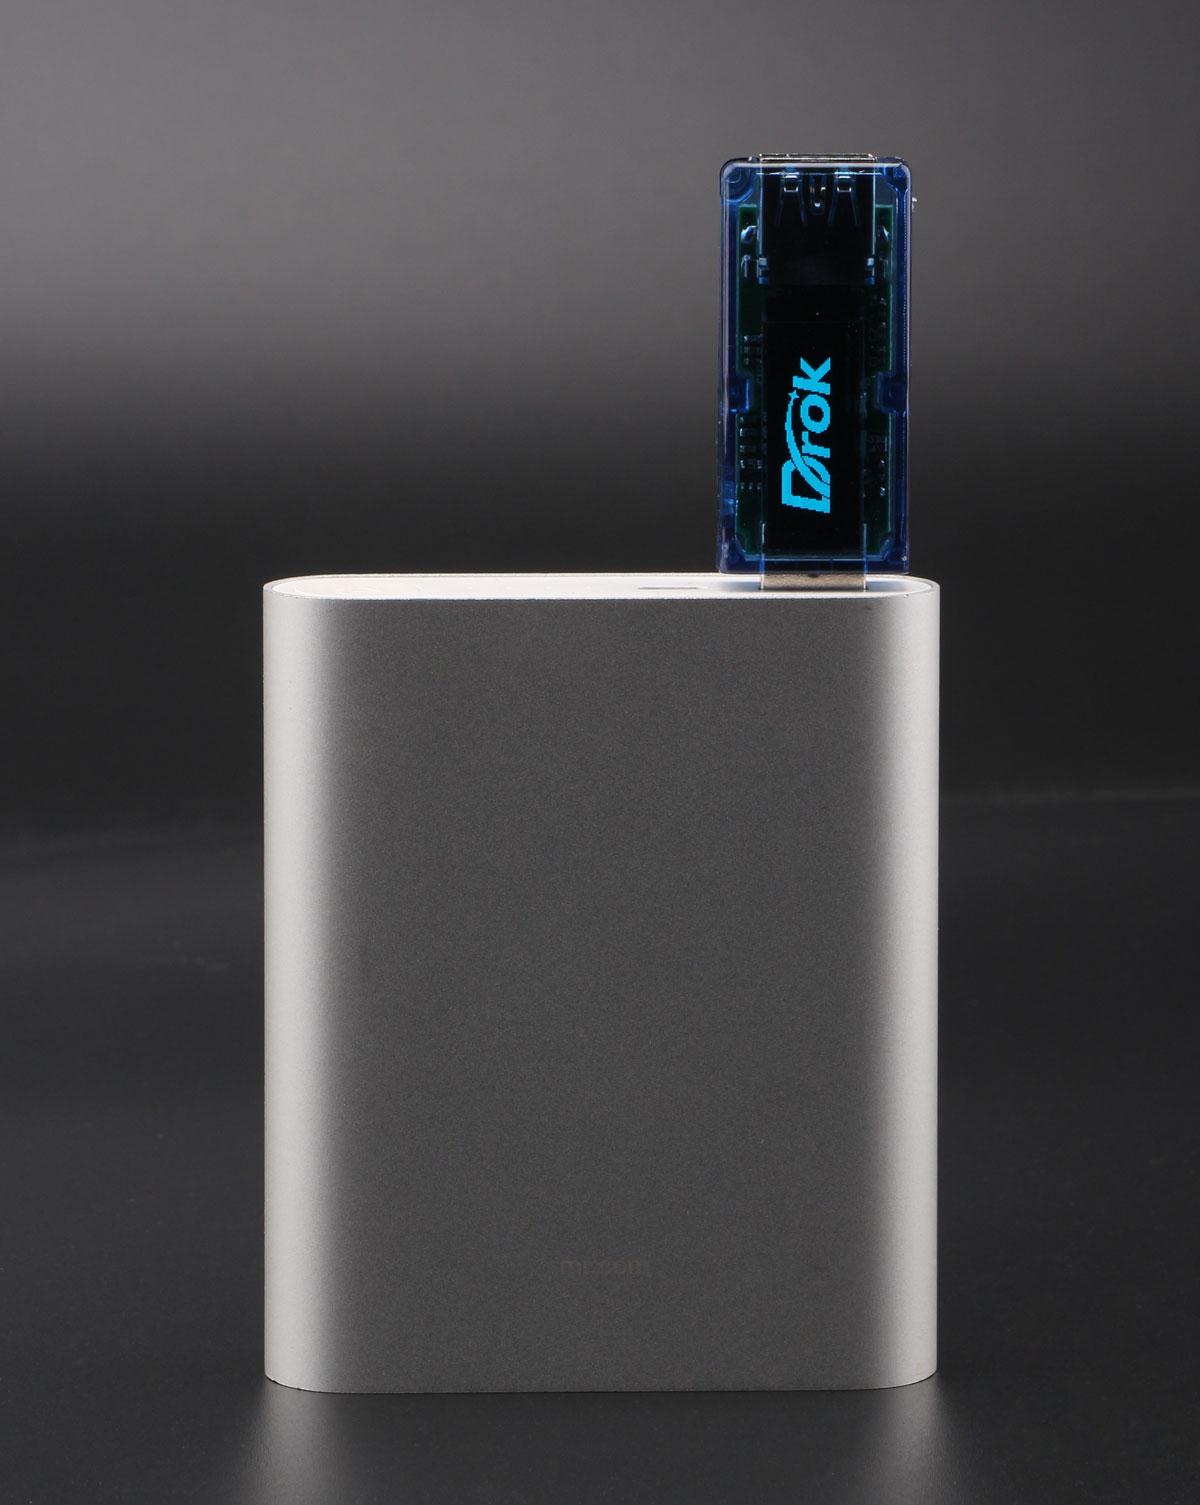 OLED USB 3.0 USB Detector